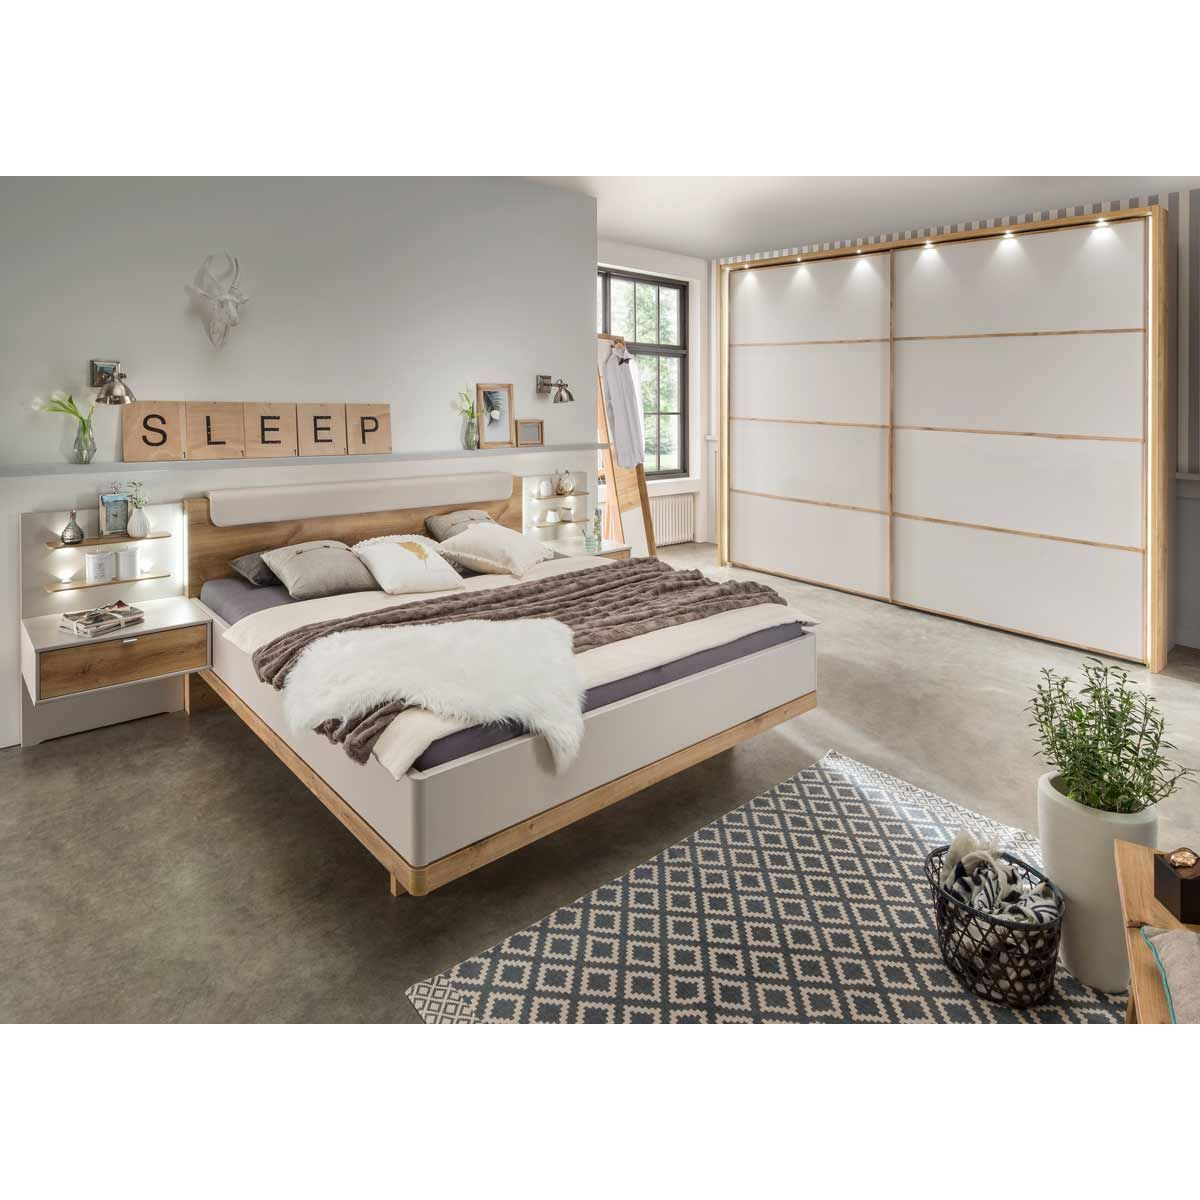 Full Size of Wiemann Schlafzimmer Schrank Lausanne Loft Kommode Komplett Schlafzimmerschrank Set Massivholz Led Deckenleuchte Stuhl Deko Nolte Kommoden Wandtattoos Schlafzimmer Wiemann Schlafzimmer